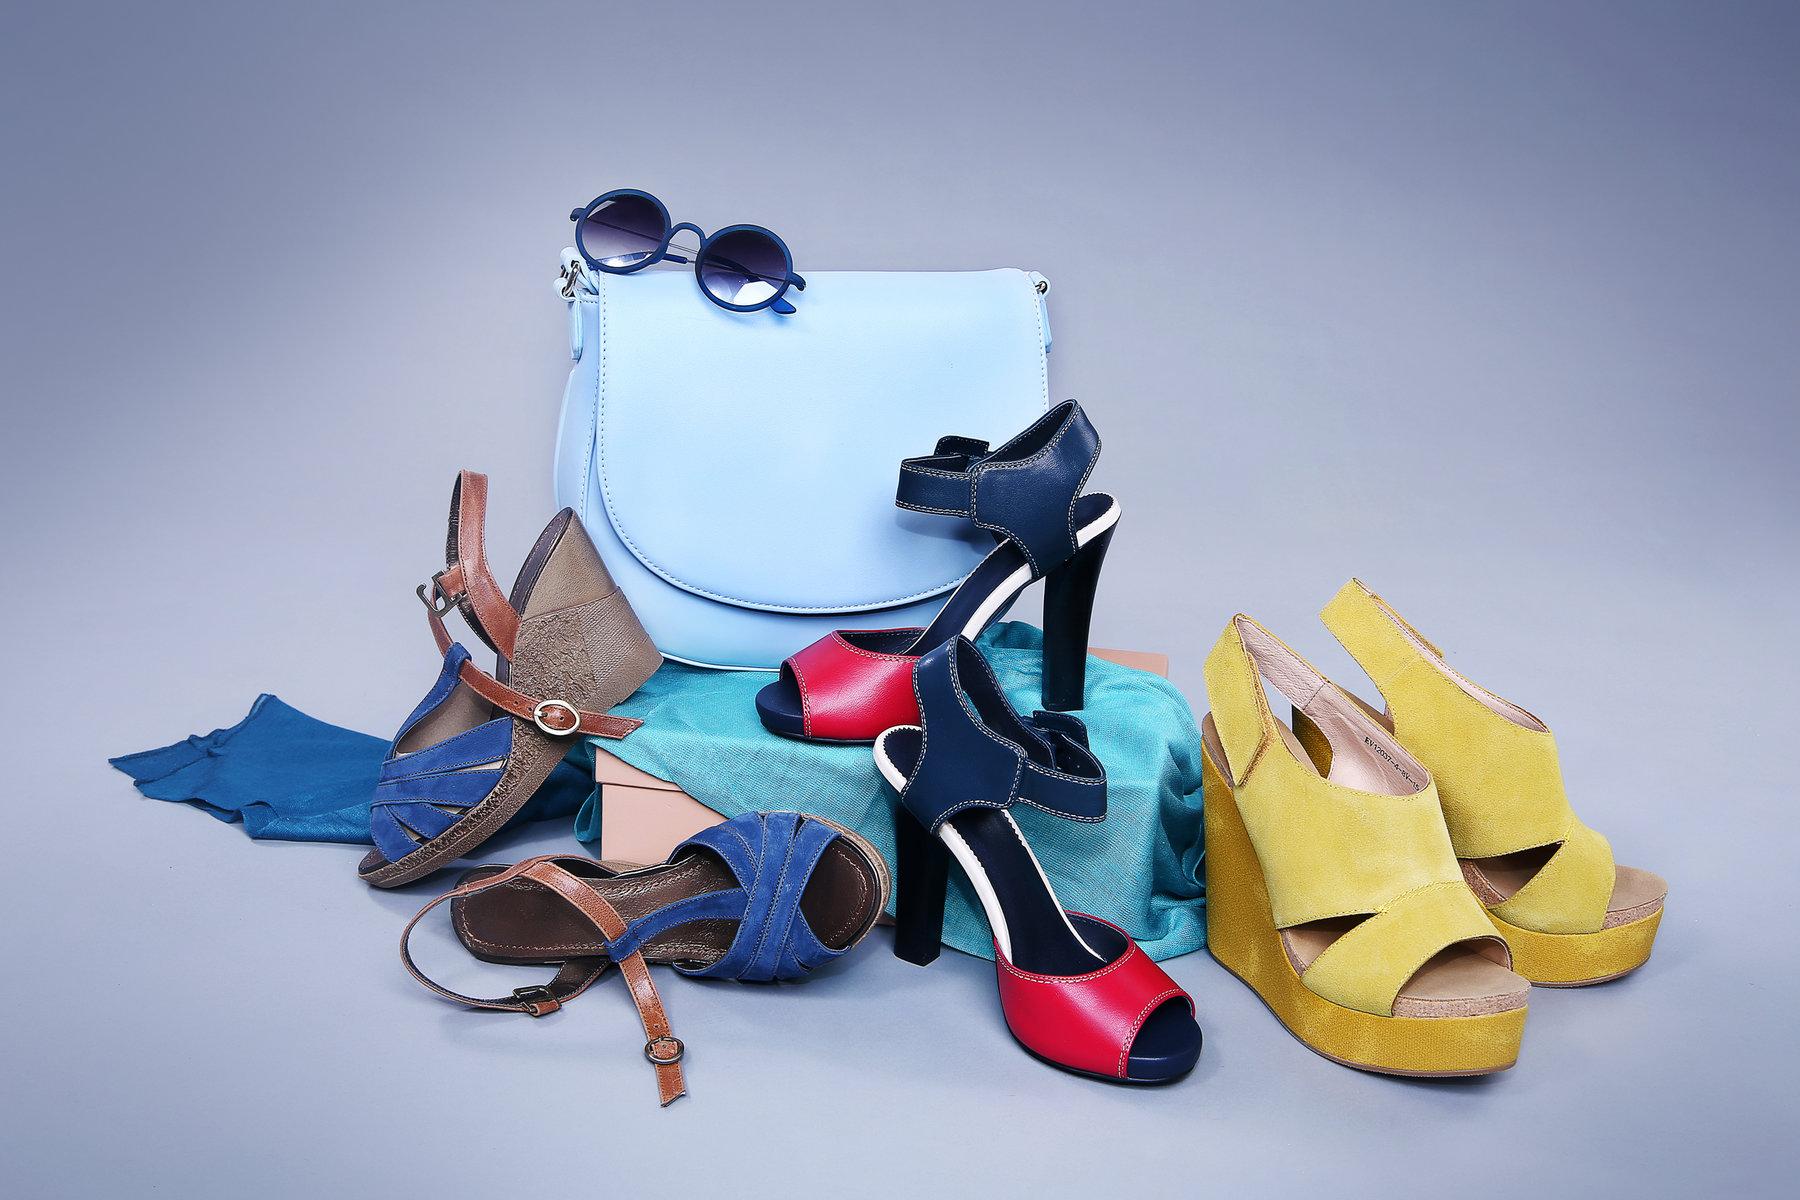 красивые картинки обуви и сумок день обращения